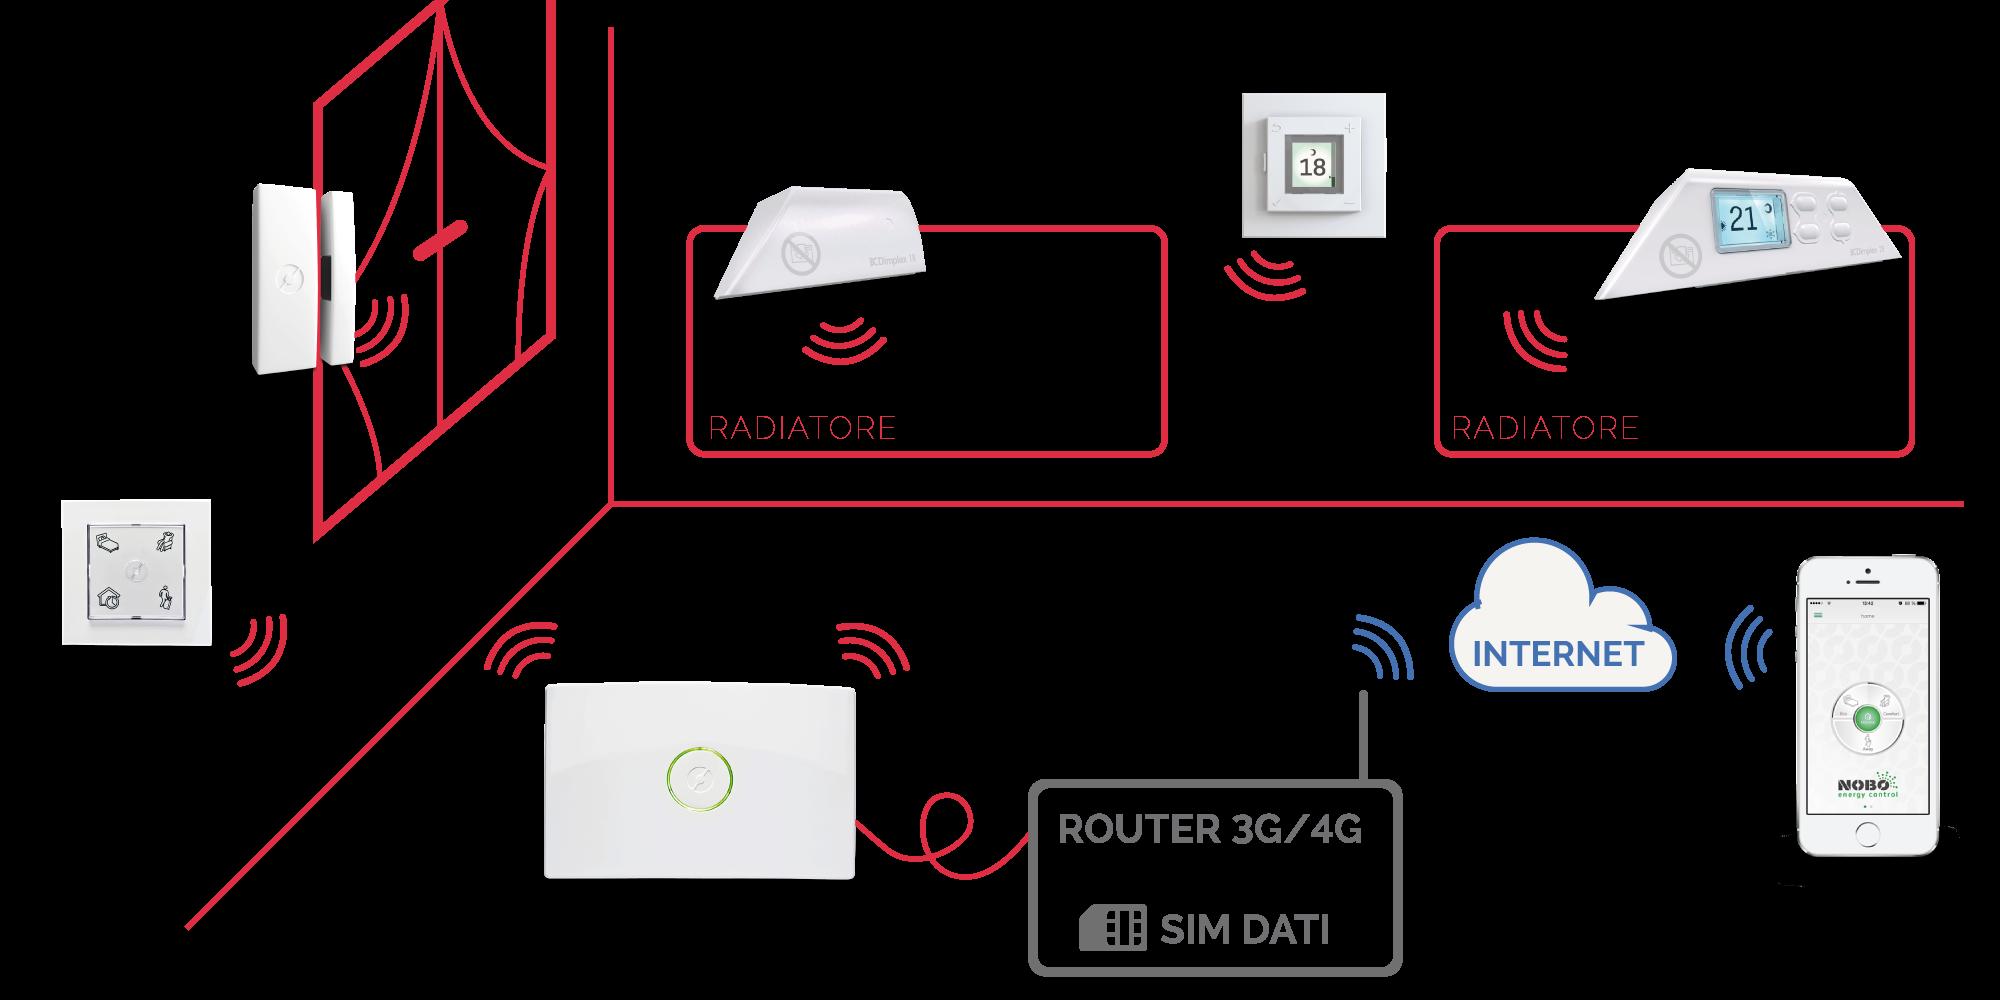 Nobo dimplex schema di collegamento senza adsl for Dimplex radiatori elettrici